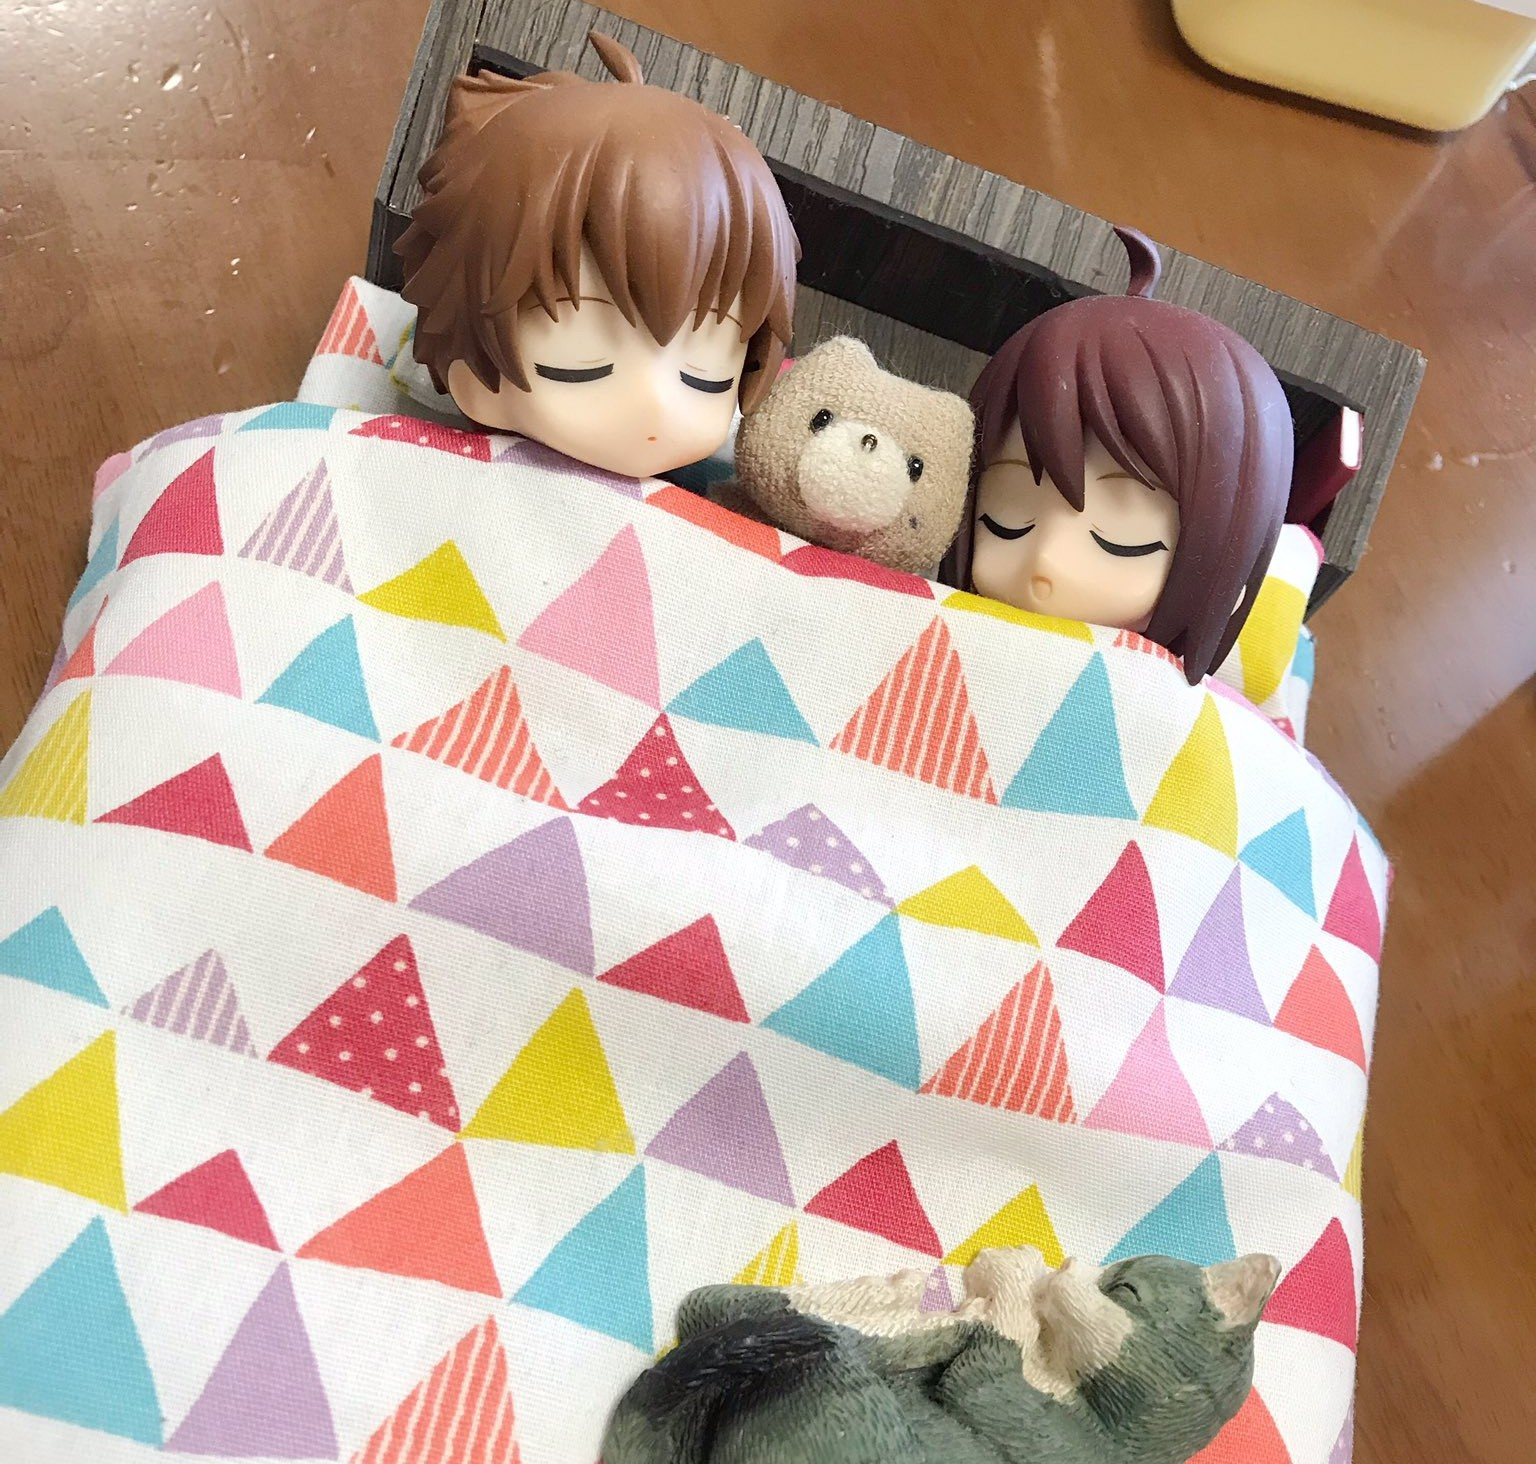 かわいいキューポッシュ,仲良くベッドで一緒に寝る,くまのグリちゃん